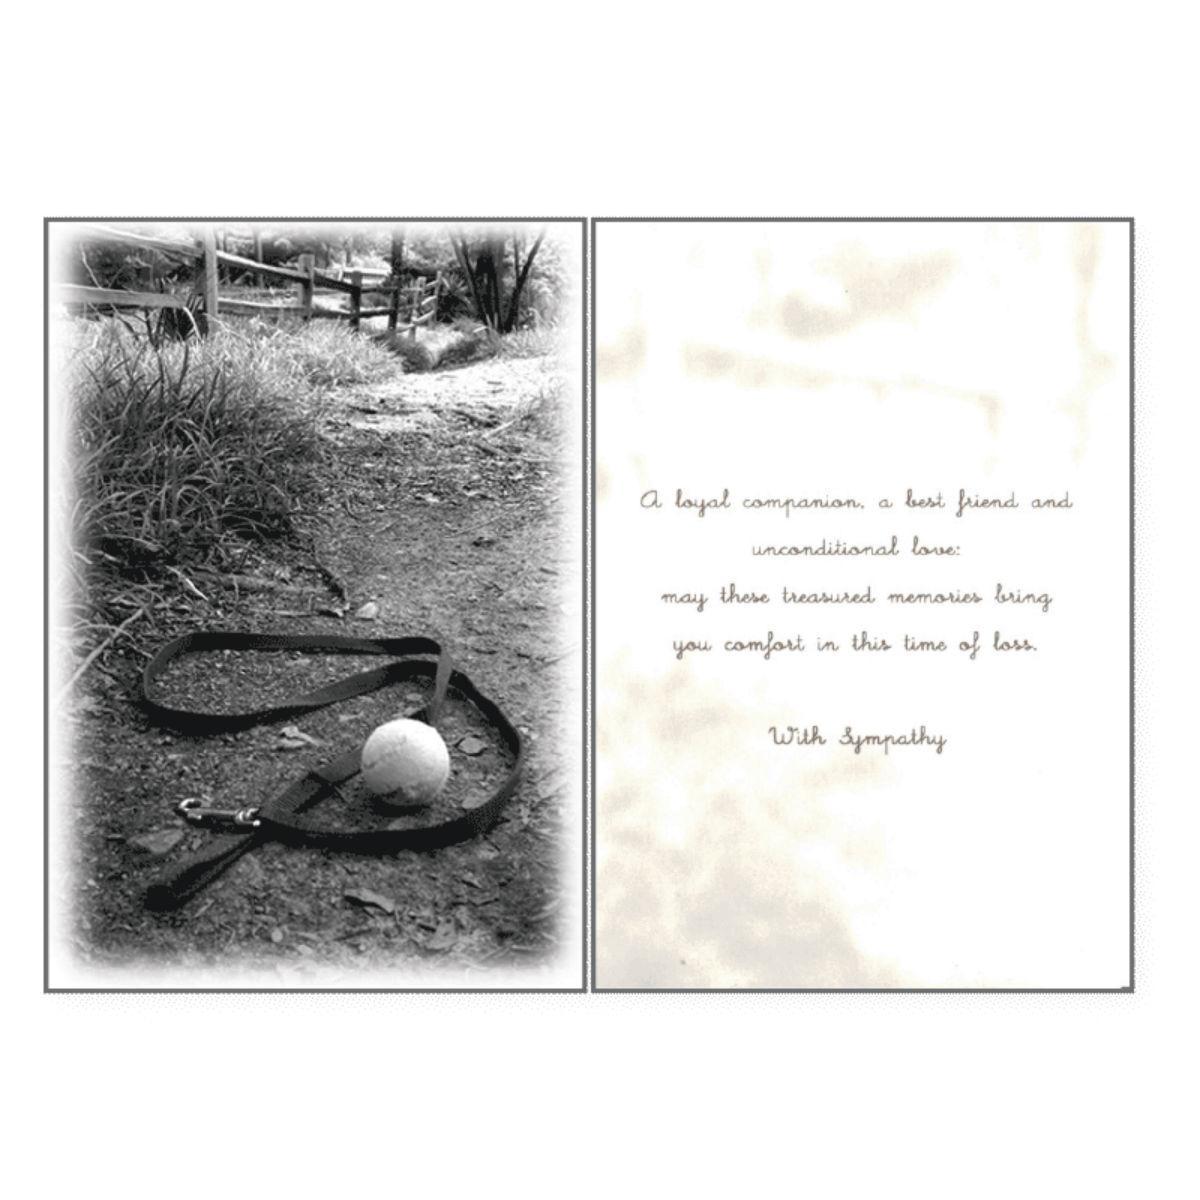 Sympathy Greeting Card by Dog Speak - Treasured Memories